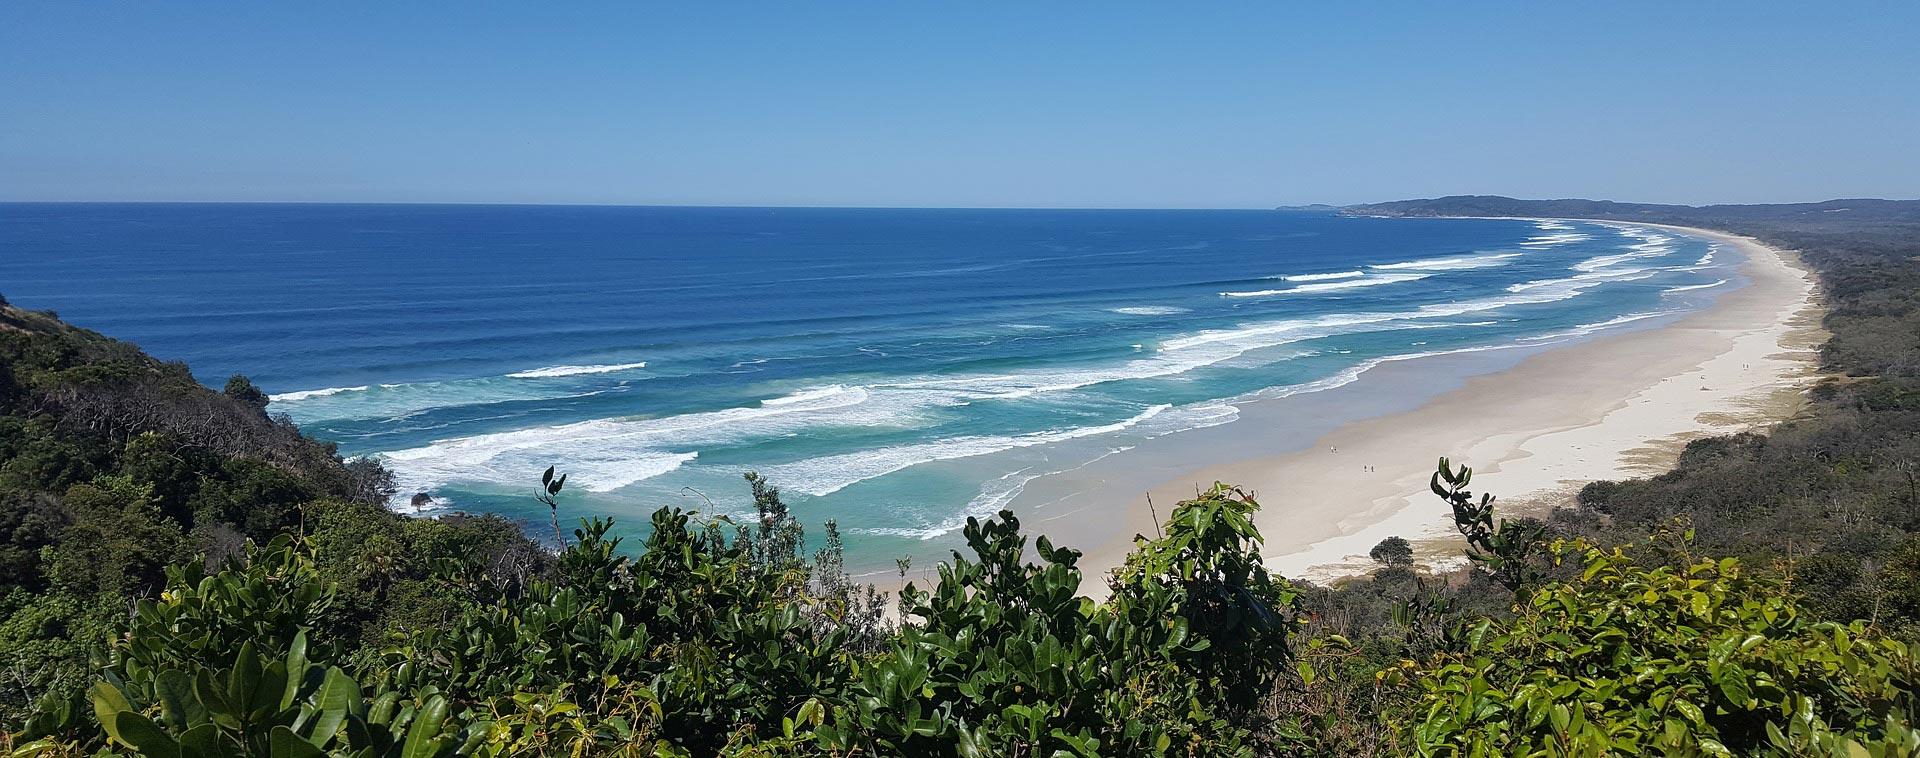 Sunniest Places in Australia - Subtropics